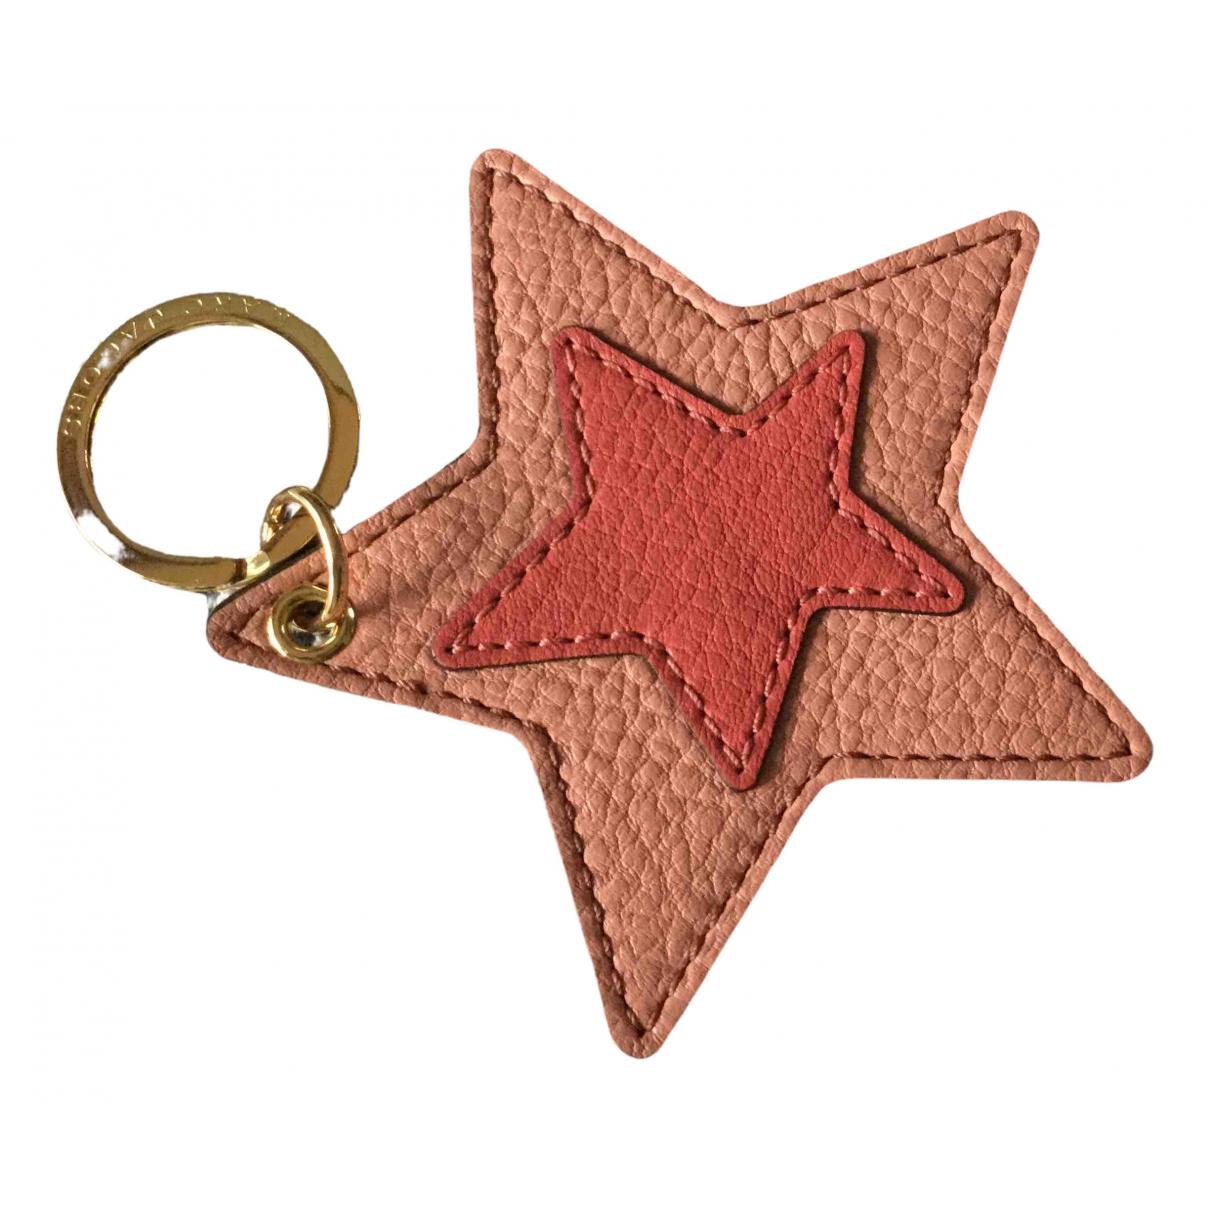 Marc Jacobs - Petite maroquinerie   pour femme en cuir - rose